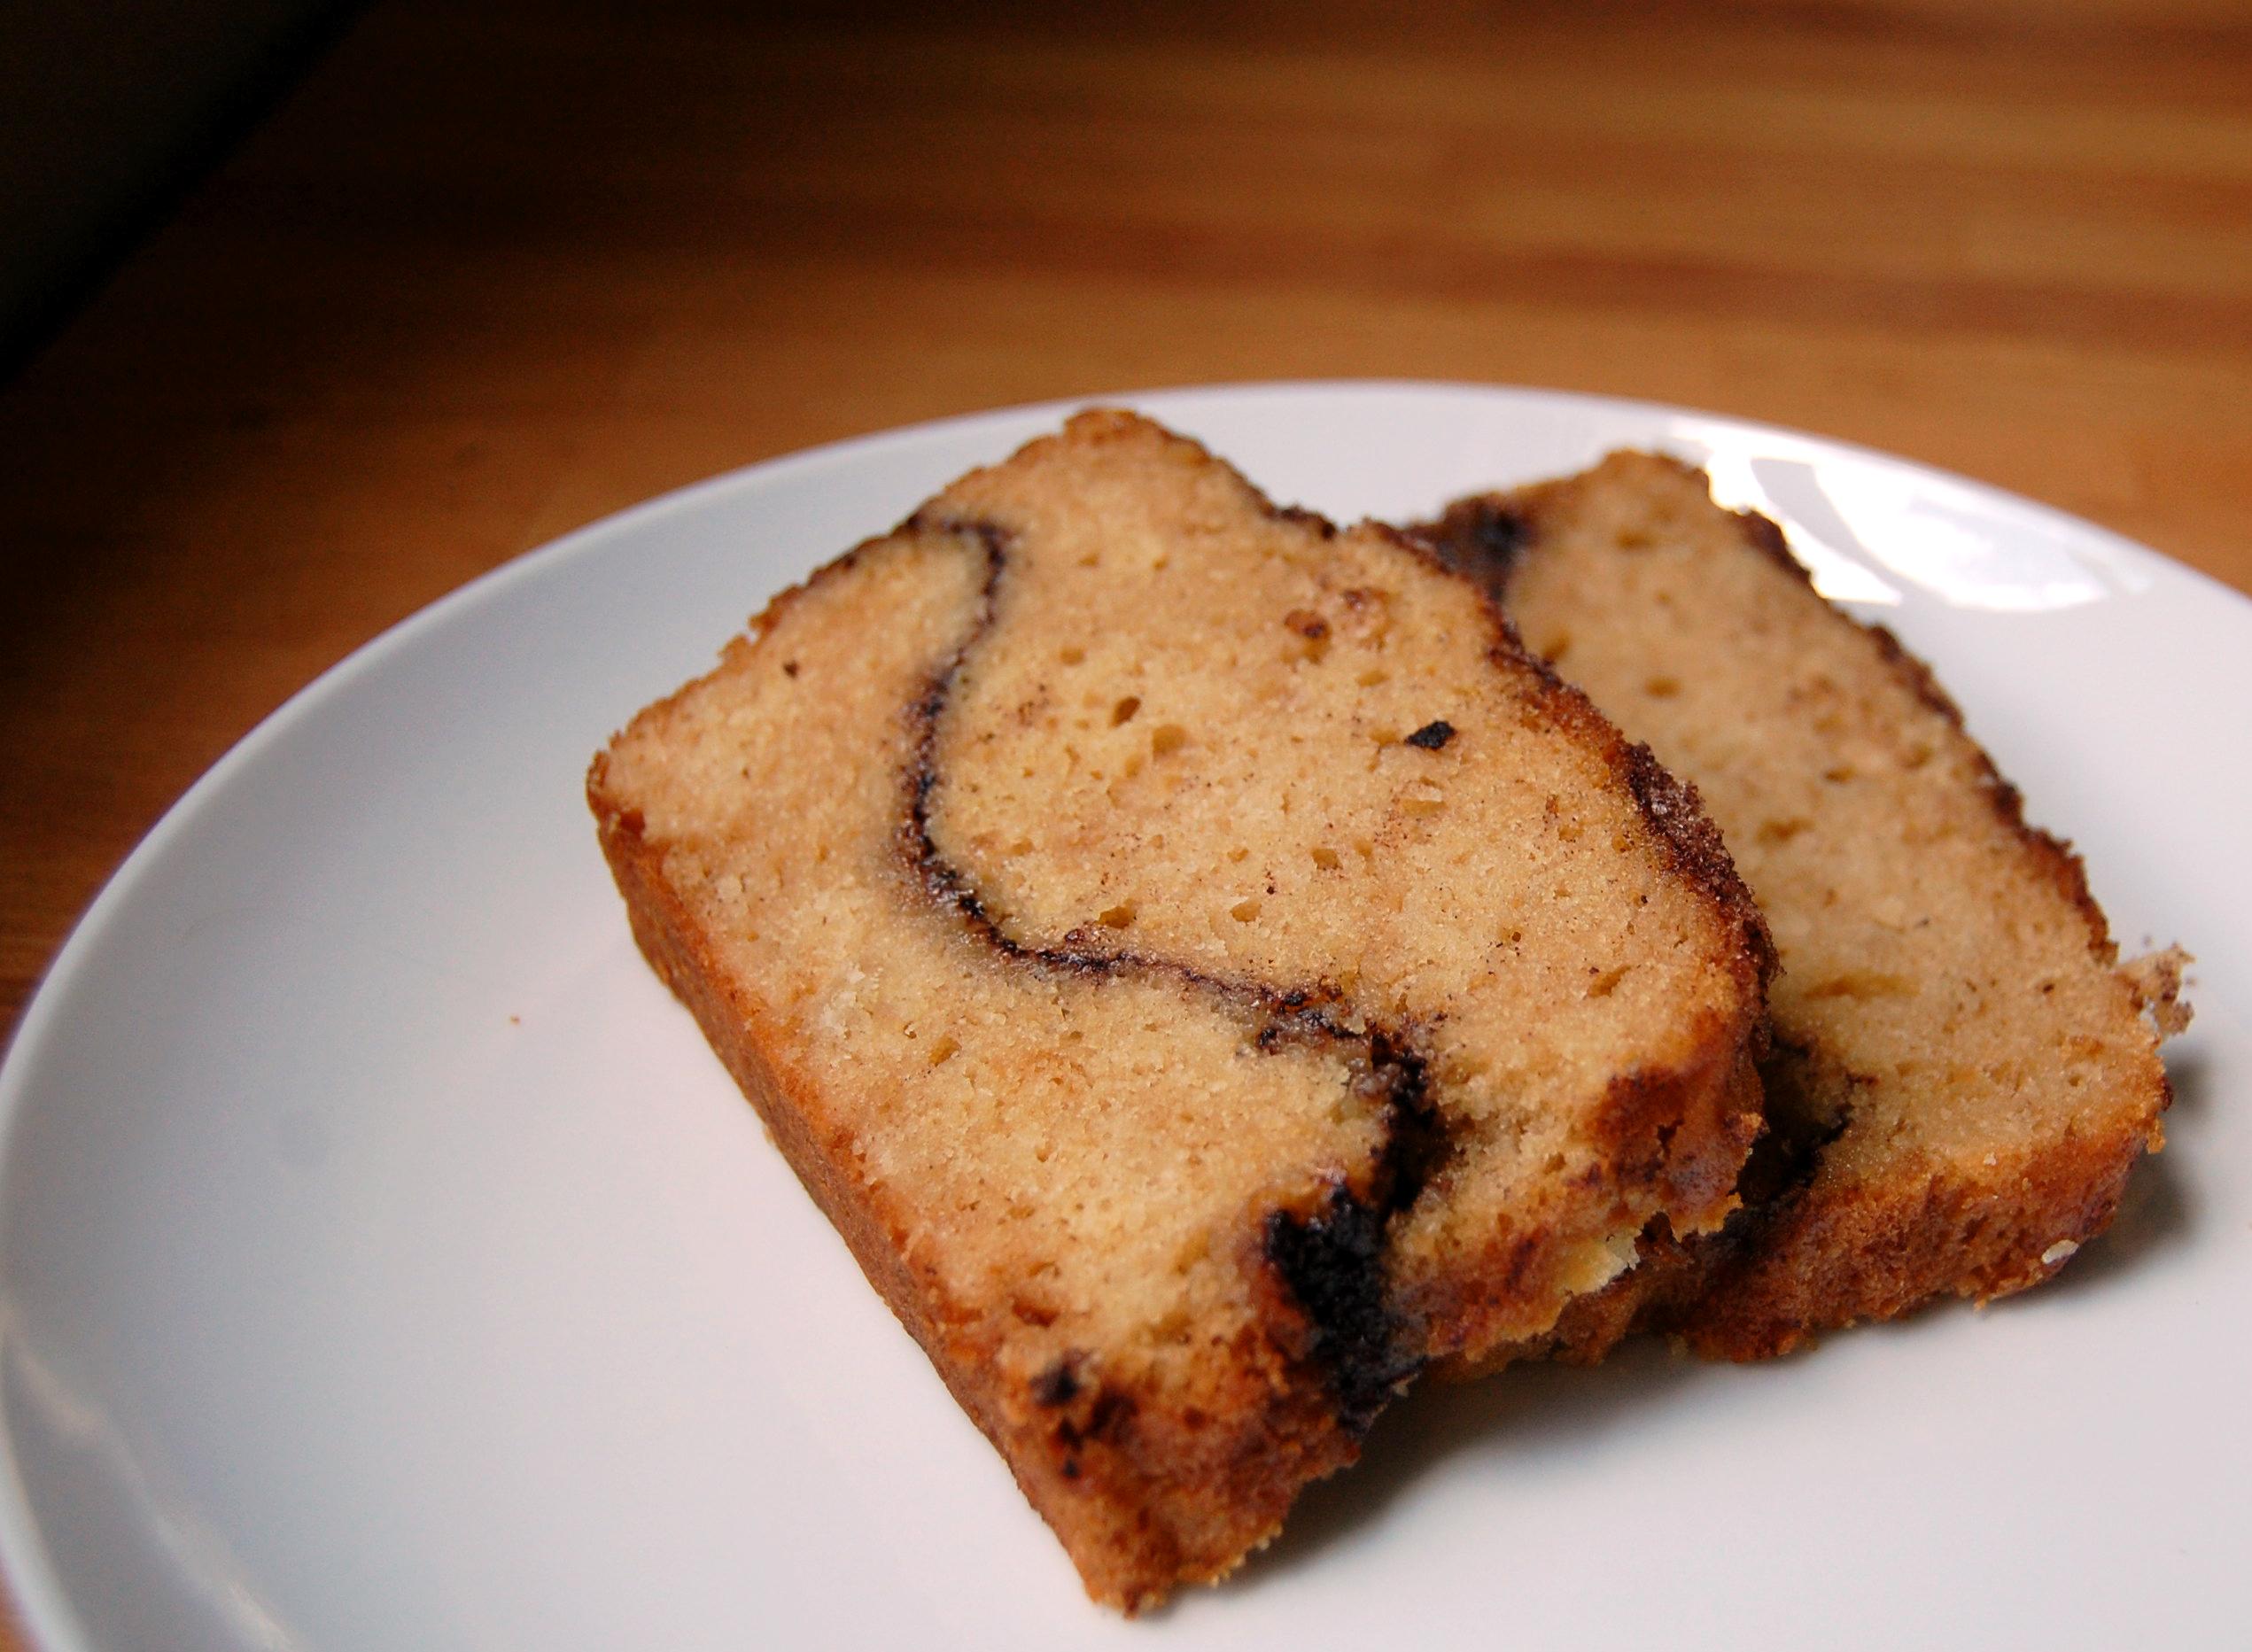 cinnamon swirl bread DSC_0431